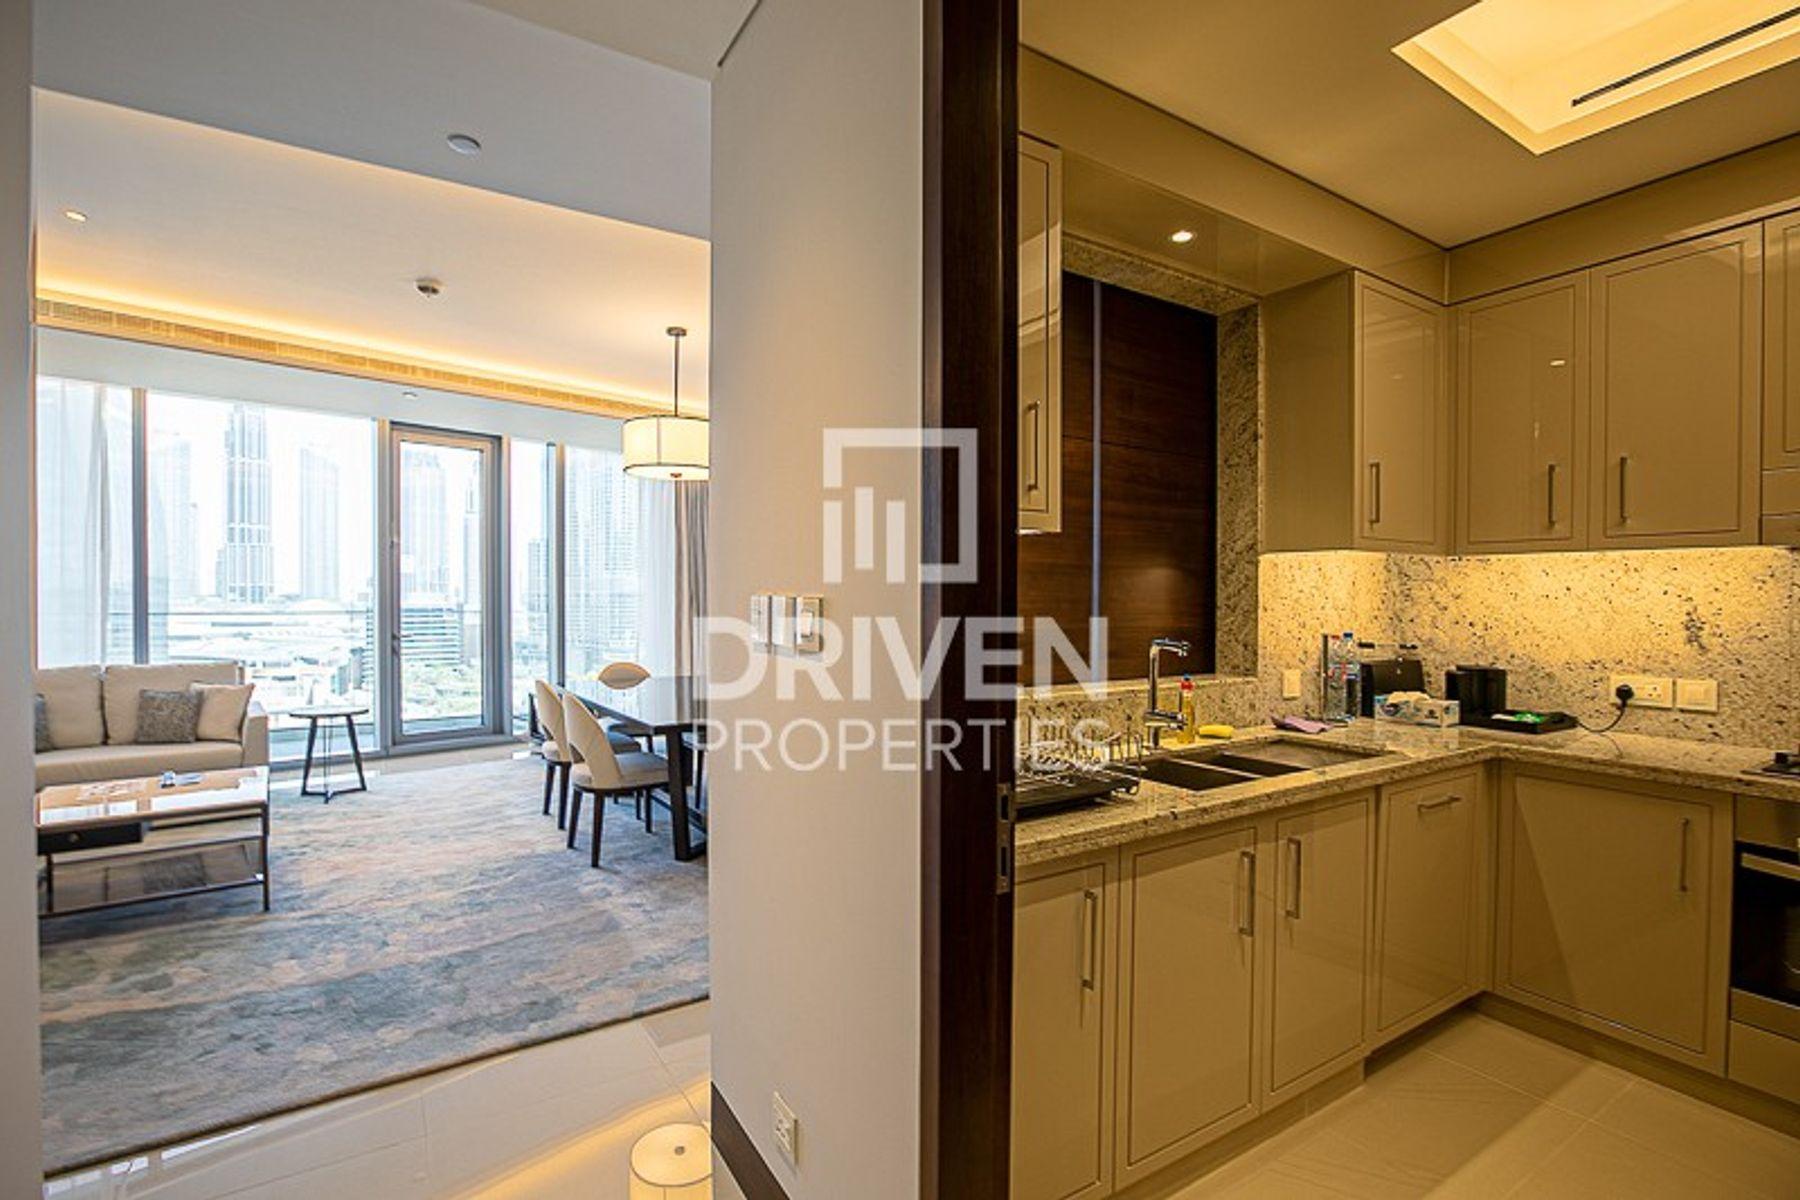 1,329 قدم مربع  شقة - للبيع - دبي وسط المدينة